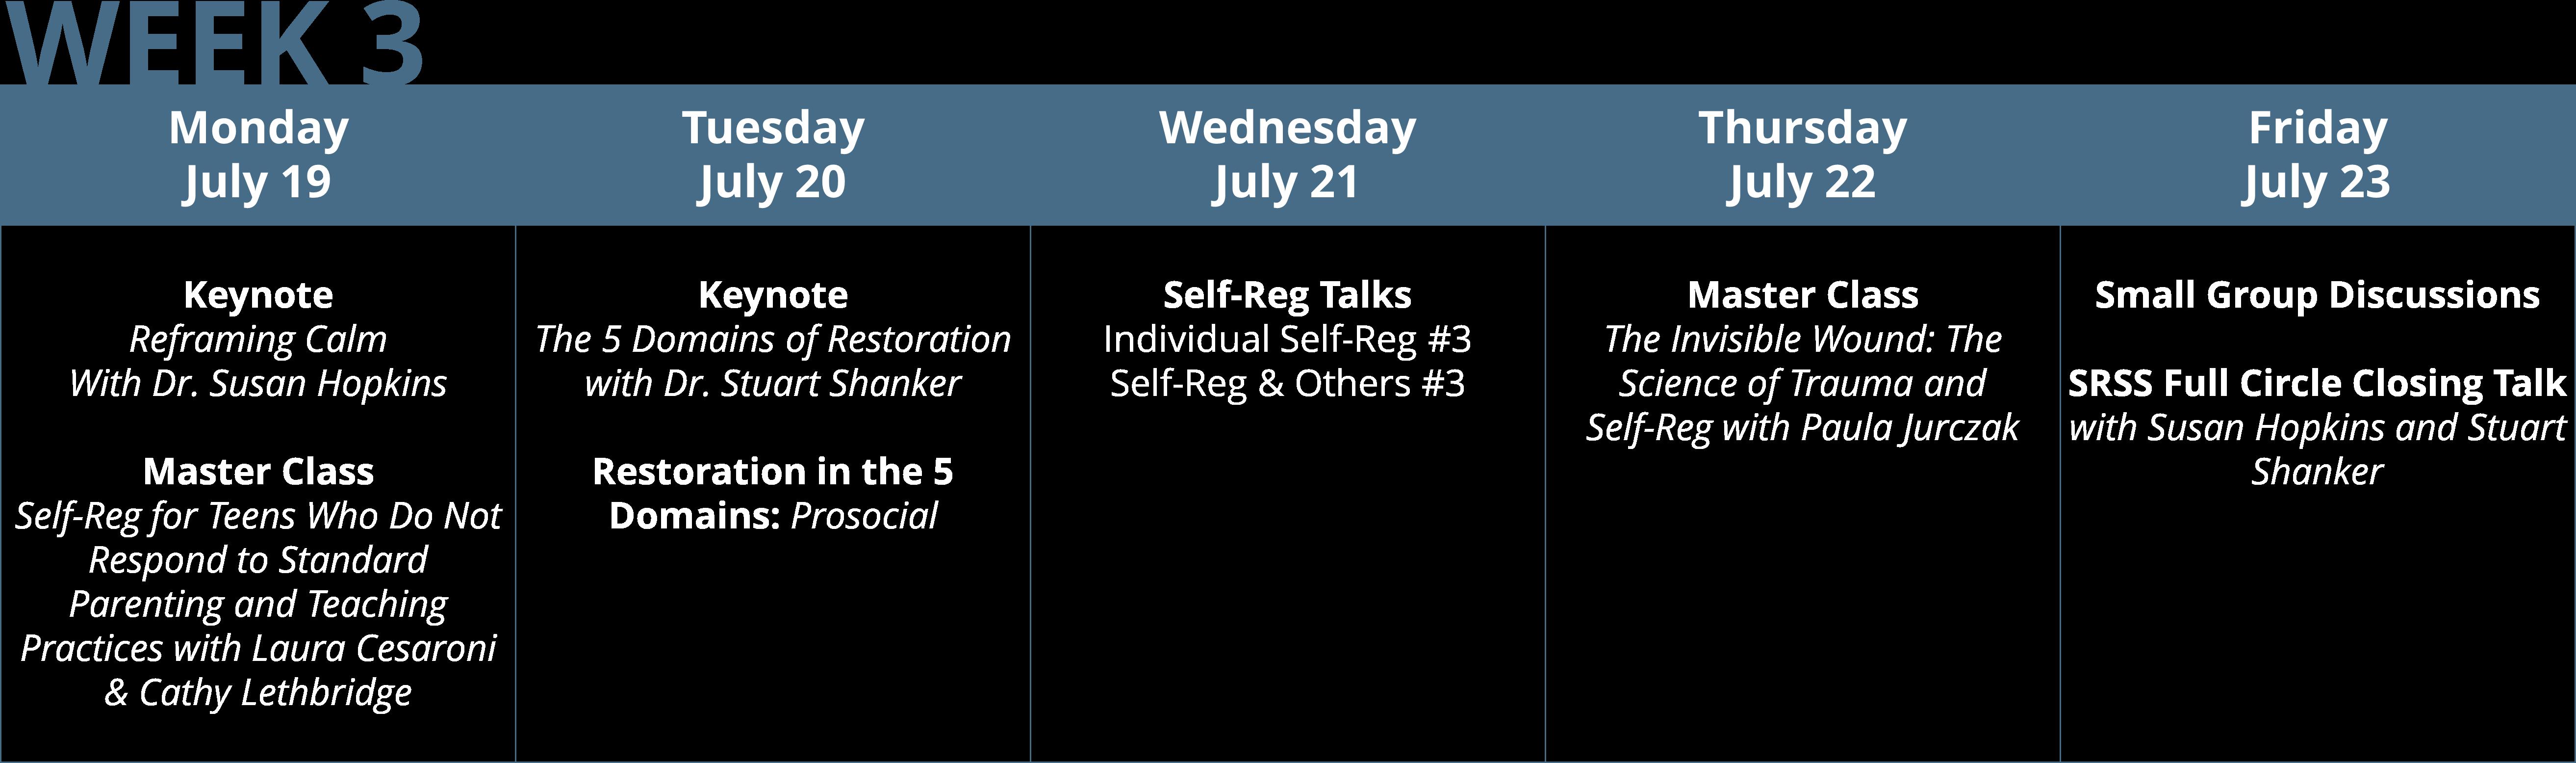 Self-Reg Summer Symposium Week 3 Program Snapshot